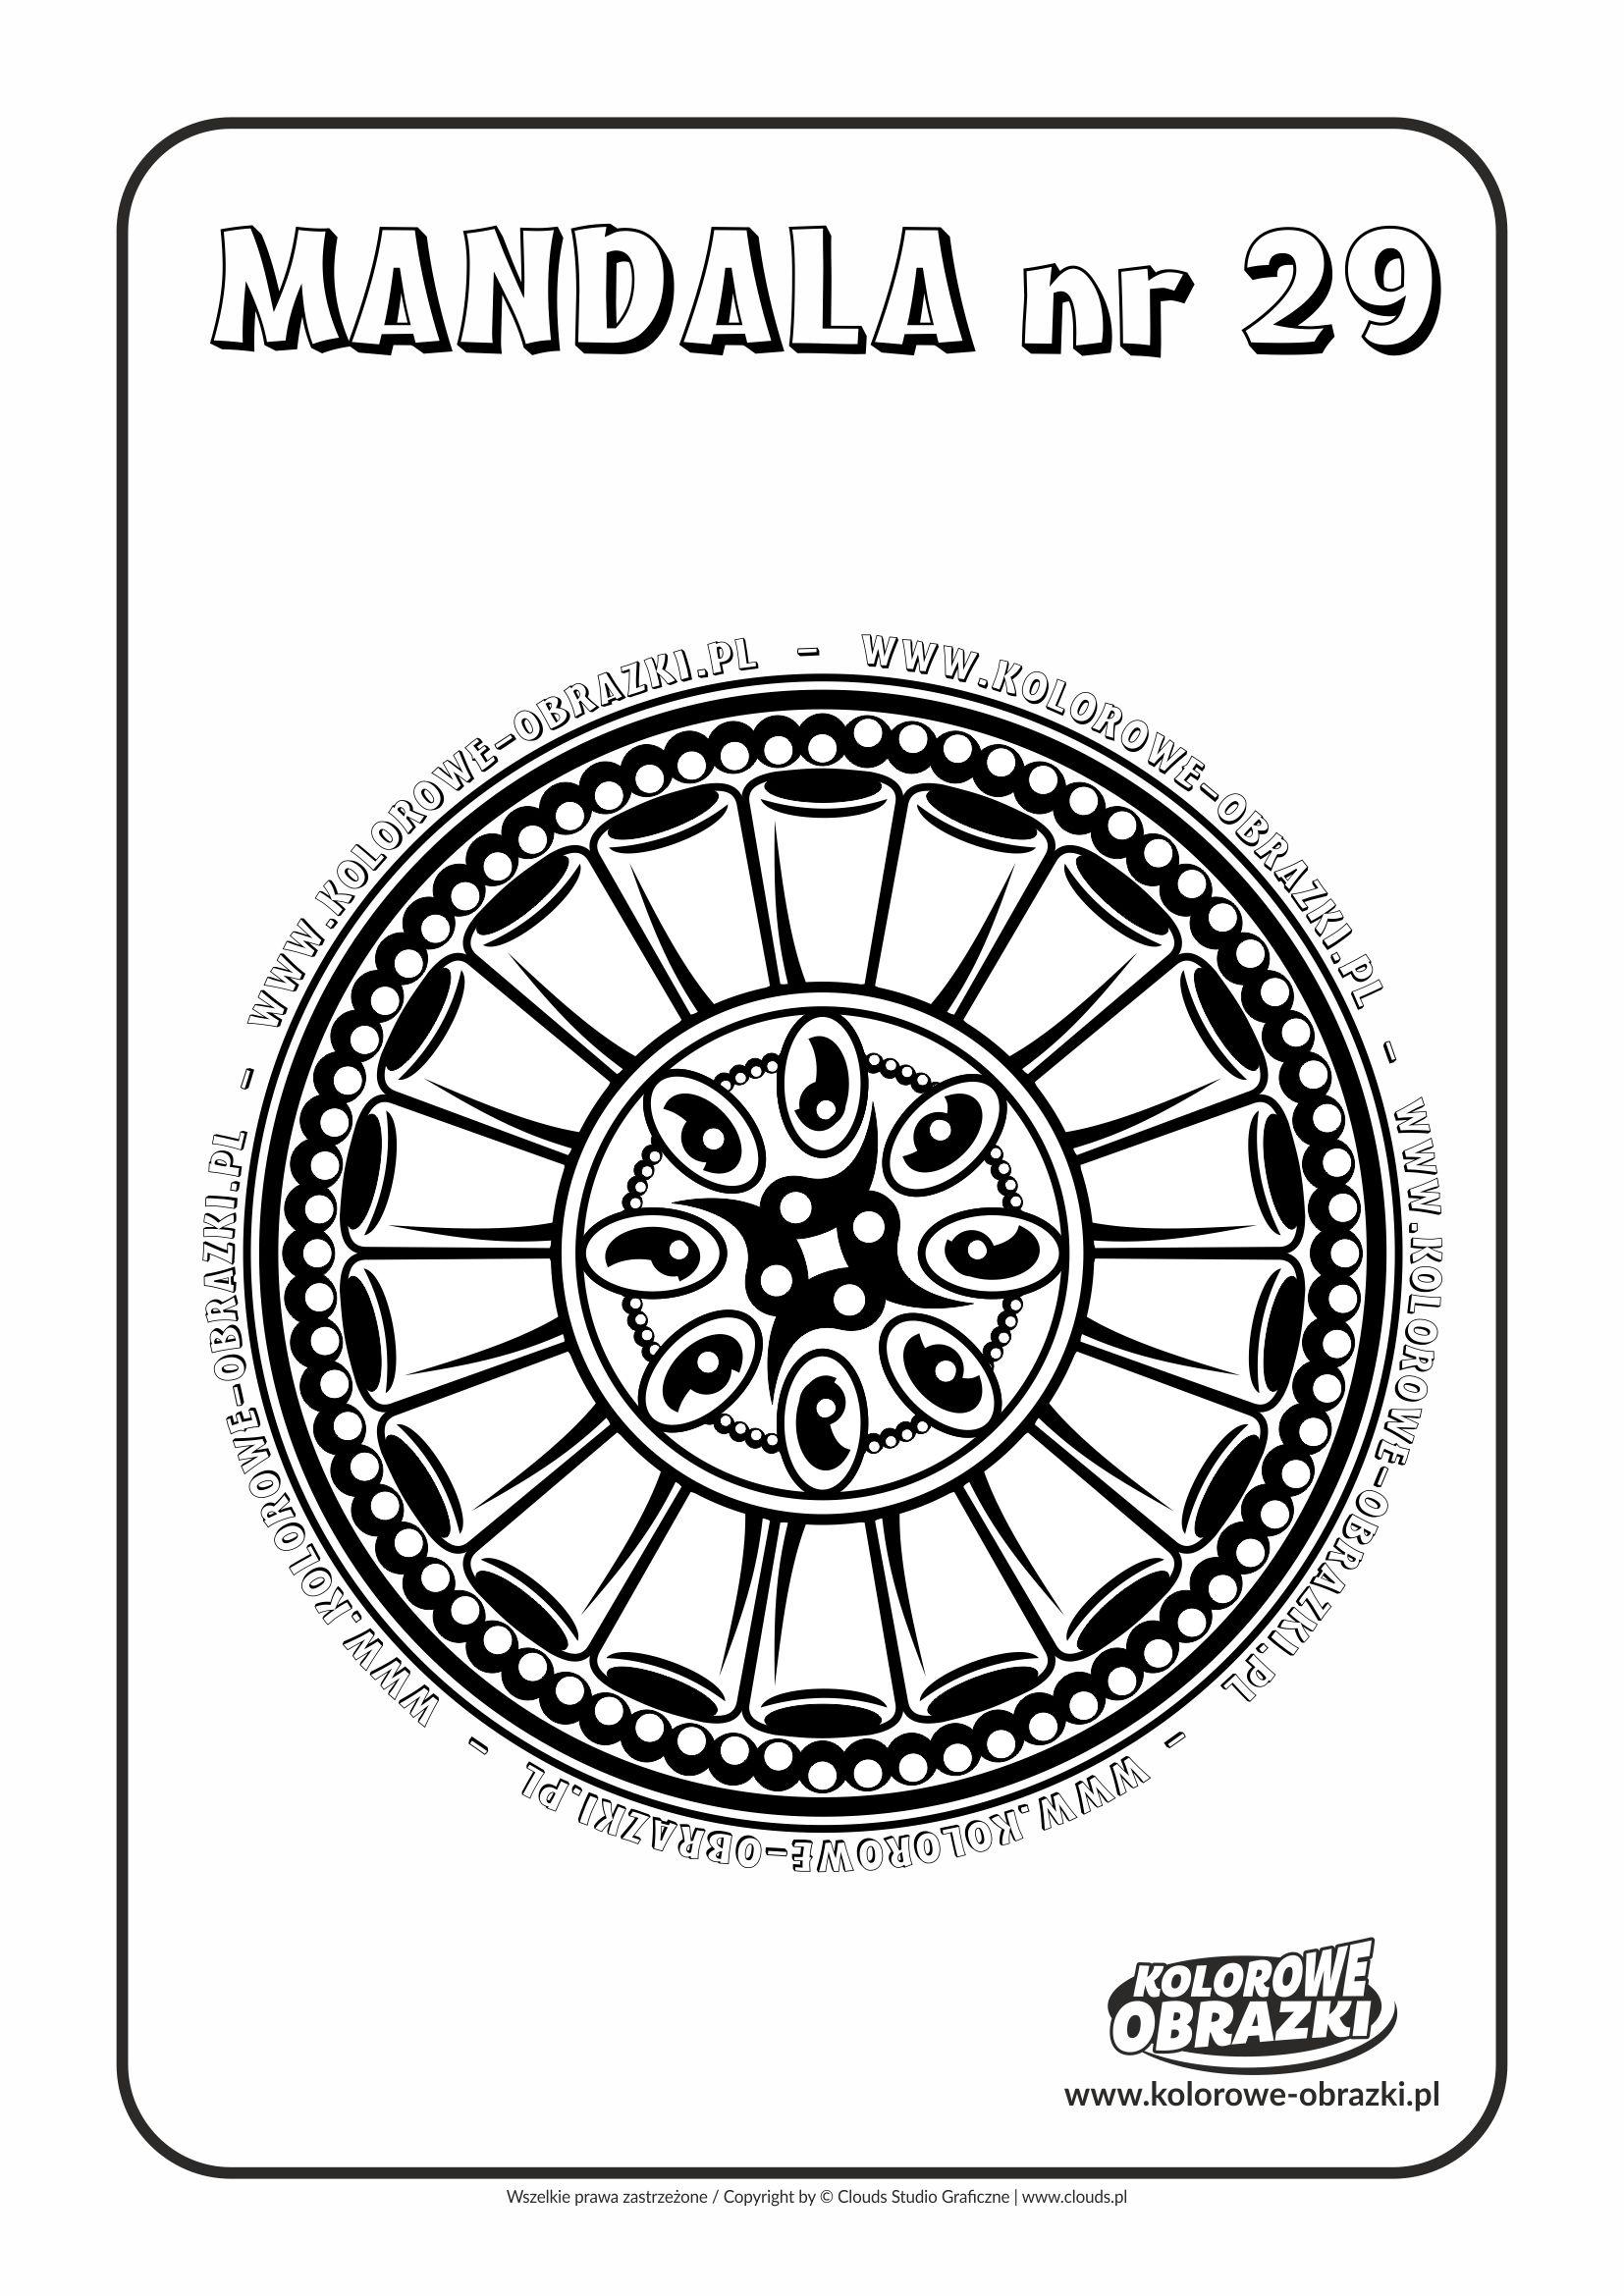 Kolorowanki dla dzieci - Mandale / Mandala nr 29. Kolorowanka z mandalą